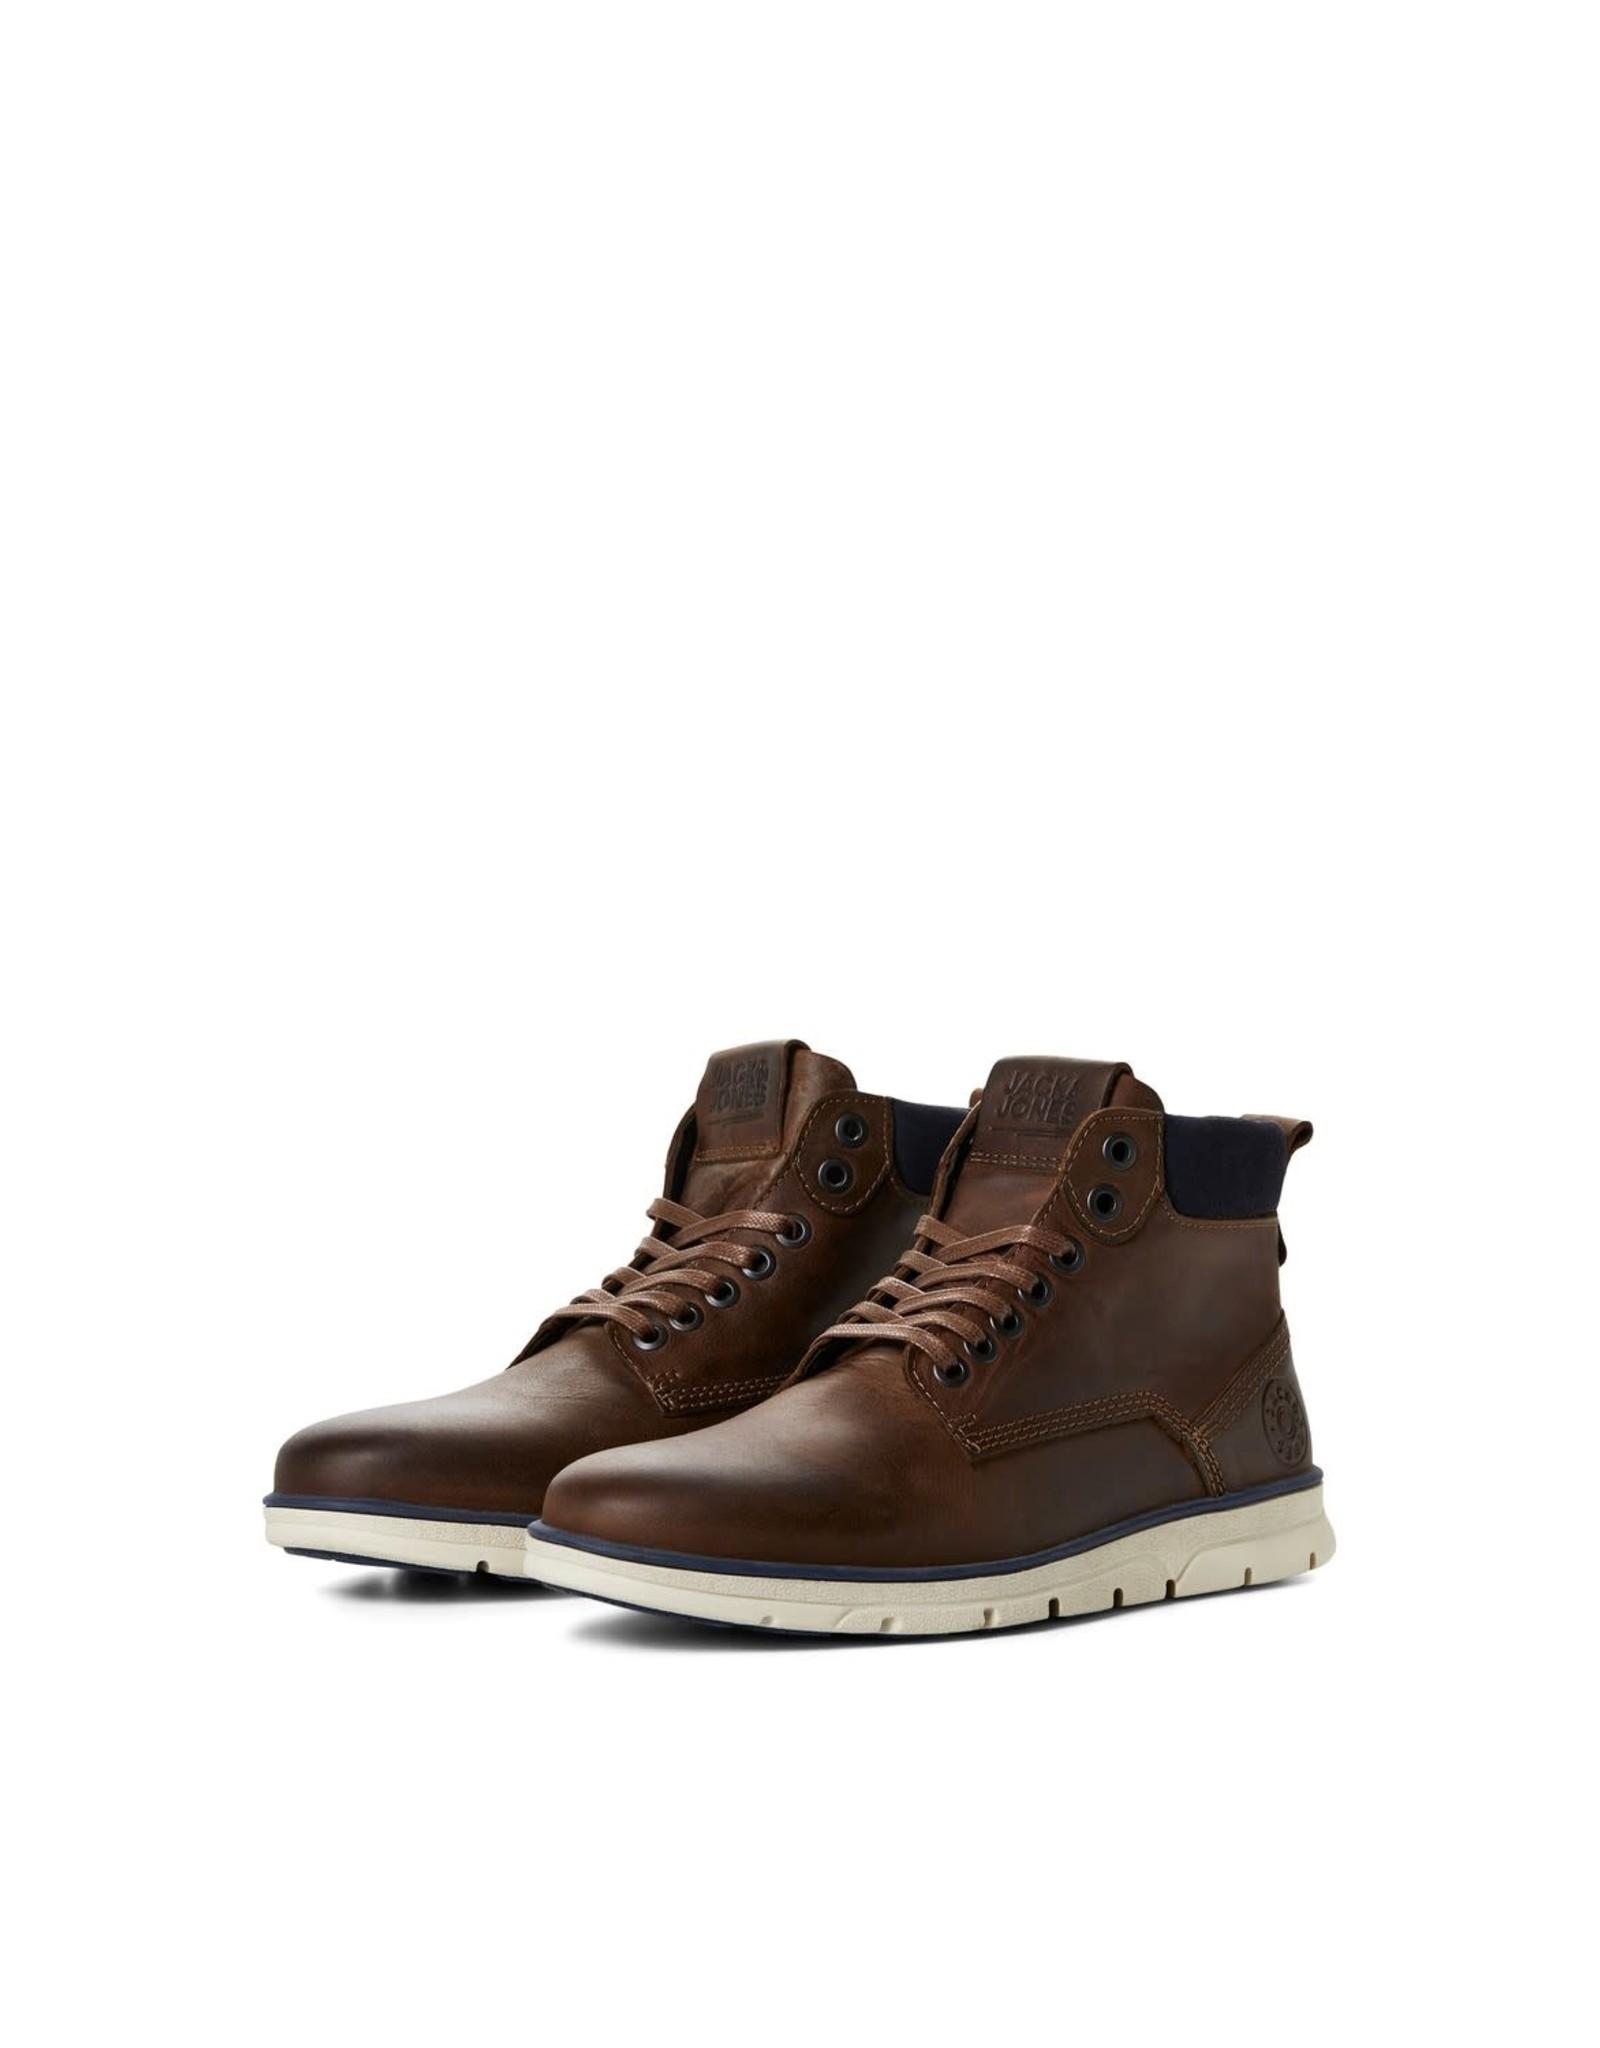 Jack & jones junior Schoenen hoog Tubar leather bruin